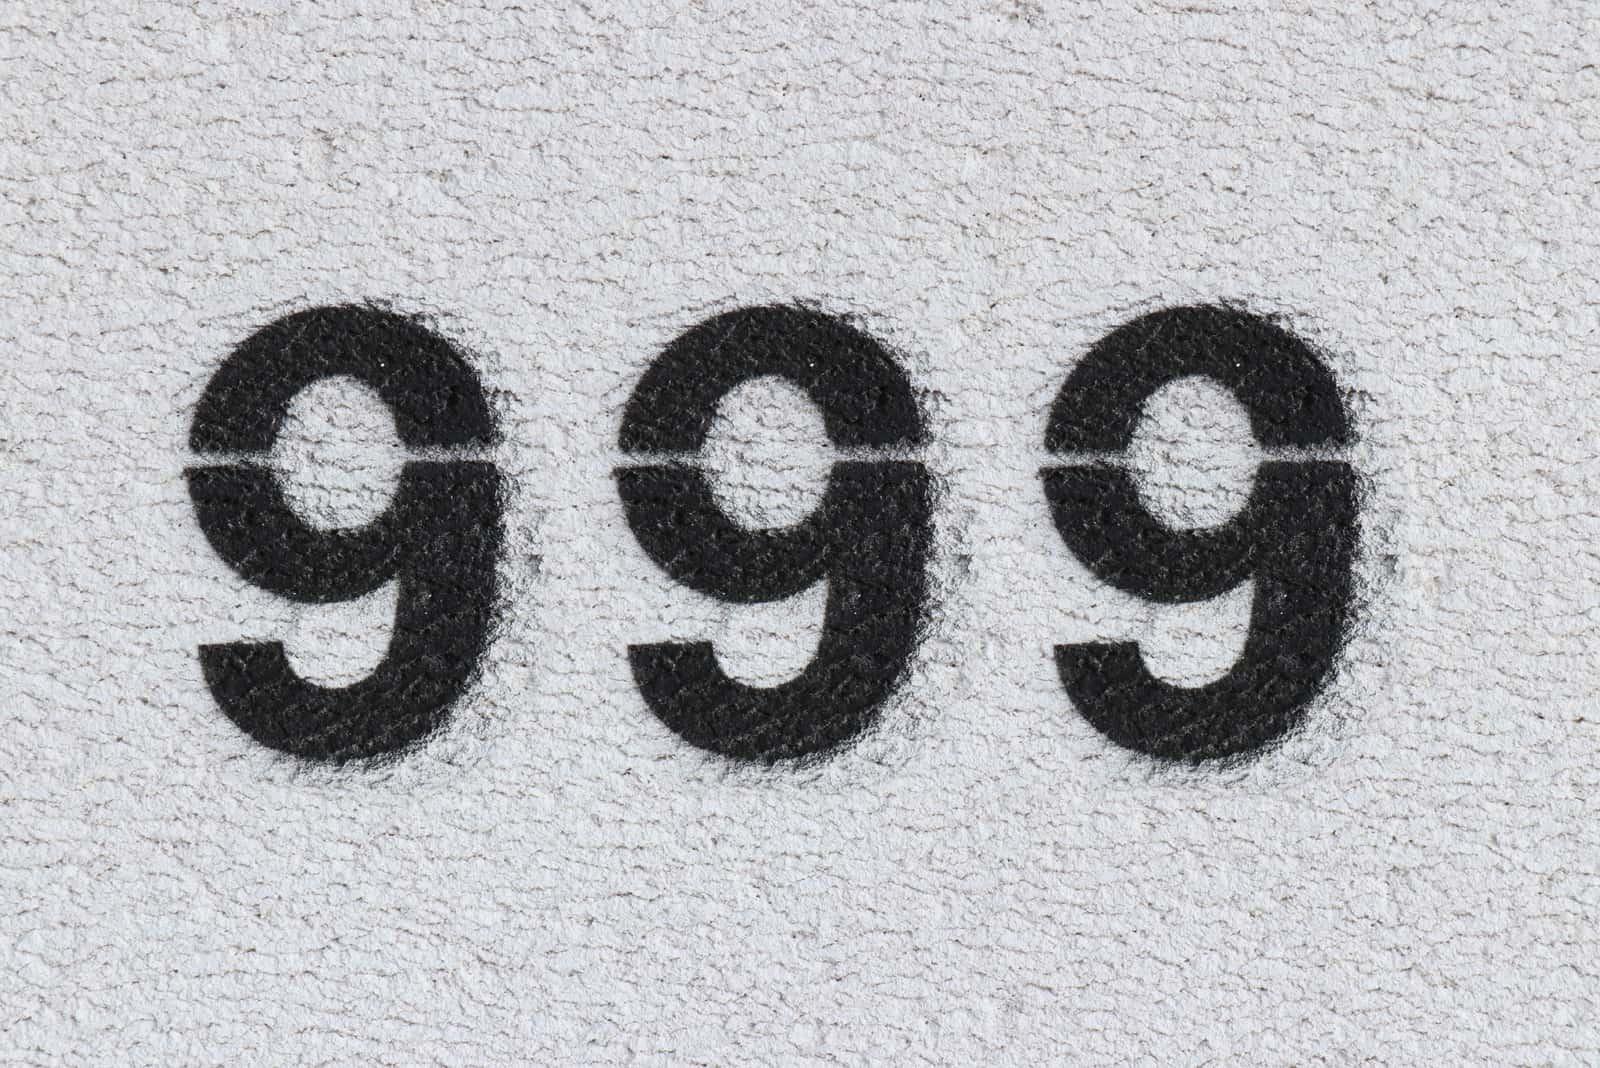 Nummer 999 auf grauem Hintergrund